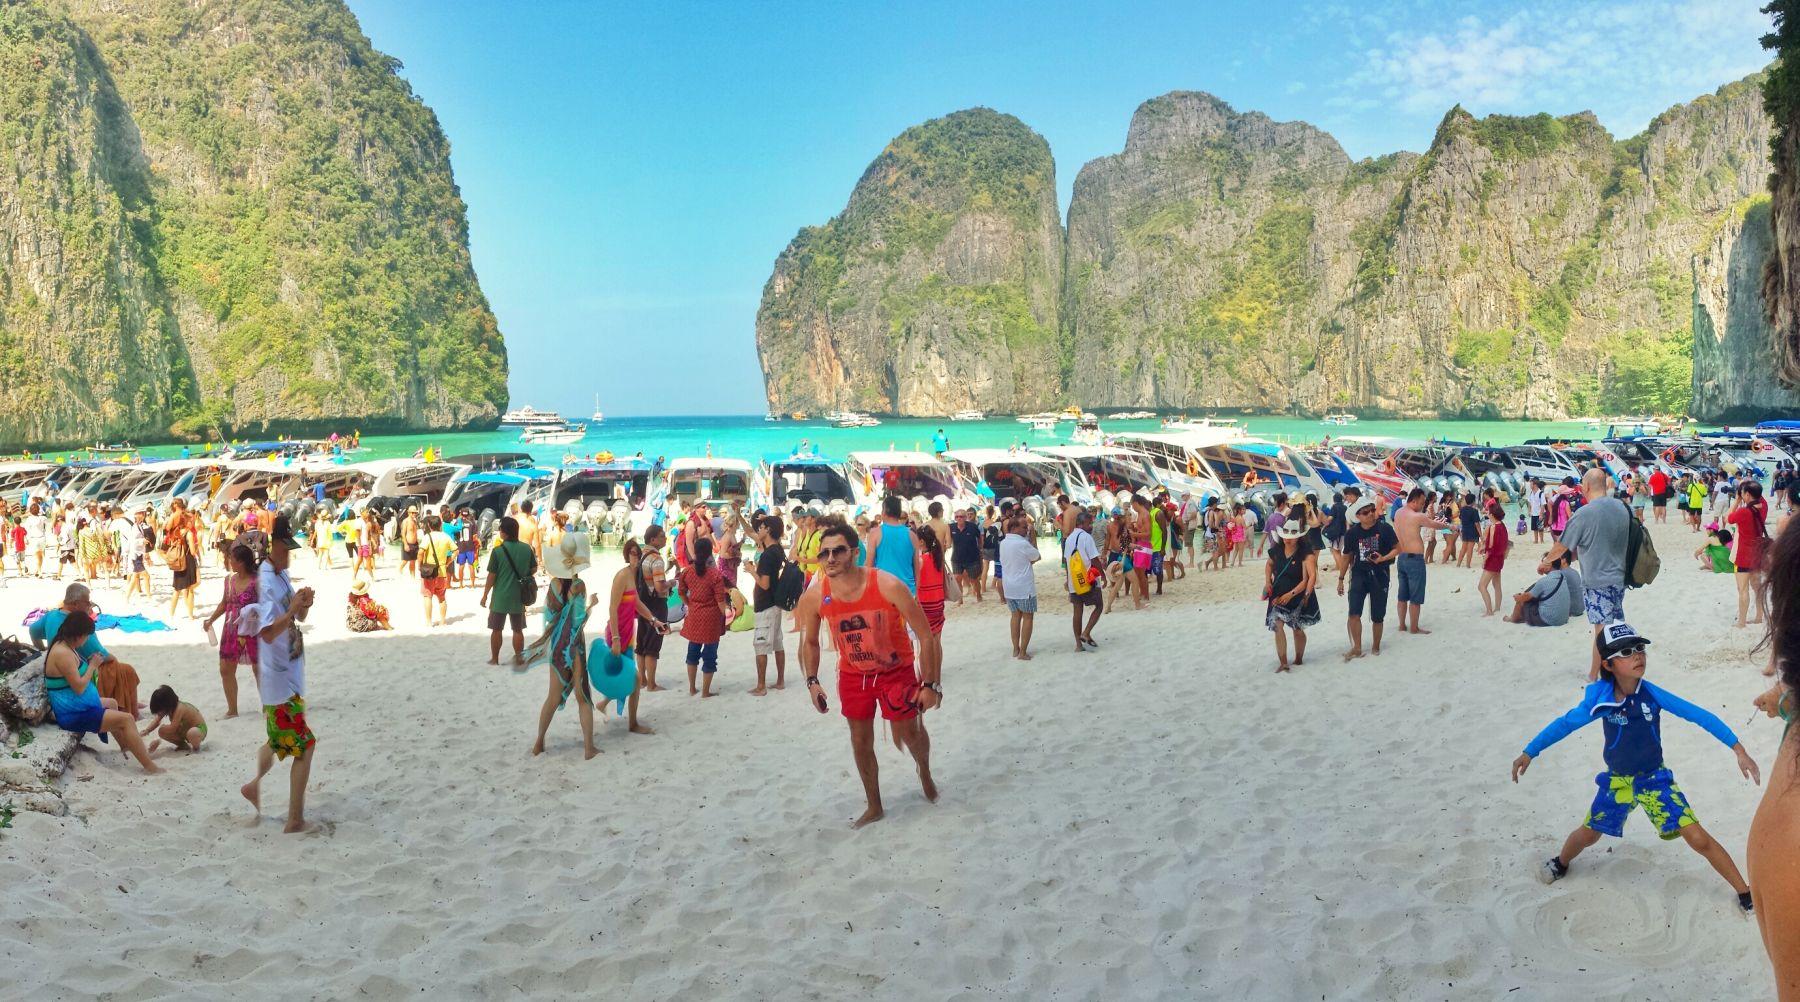 Rzeczywistość na Maya Bay, plaża przeładowana turystami.